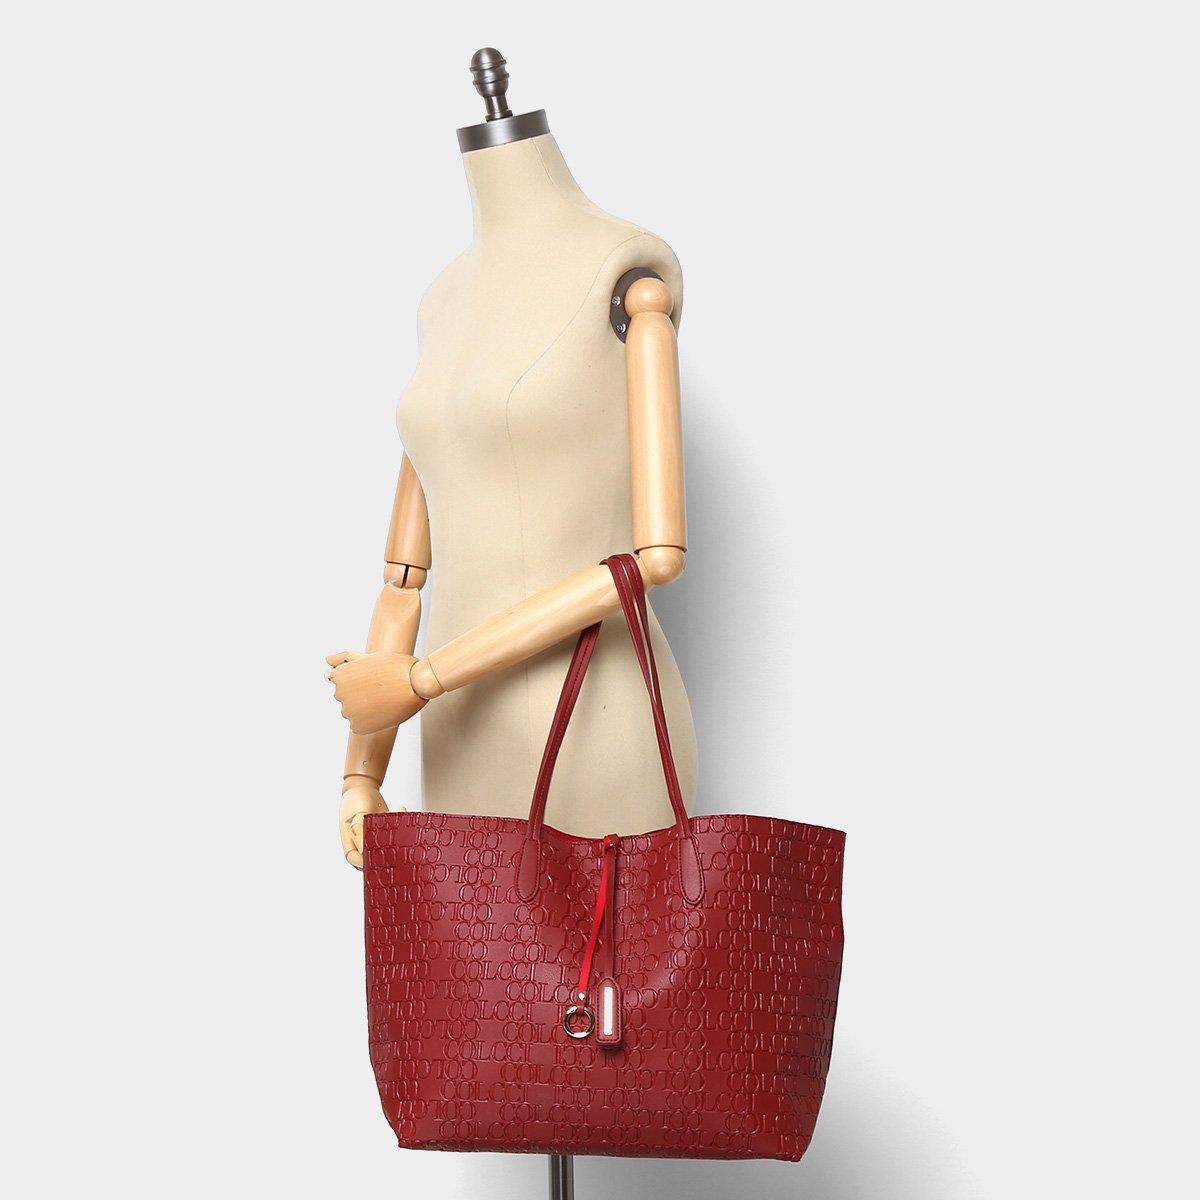 a3286e901 Bolsa Colcci Tote Shopper Feminina | Livelo -Sua Vida com Mais ...